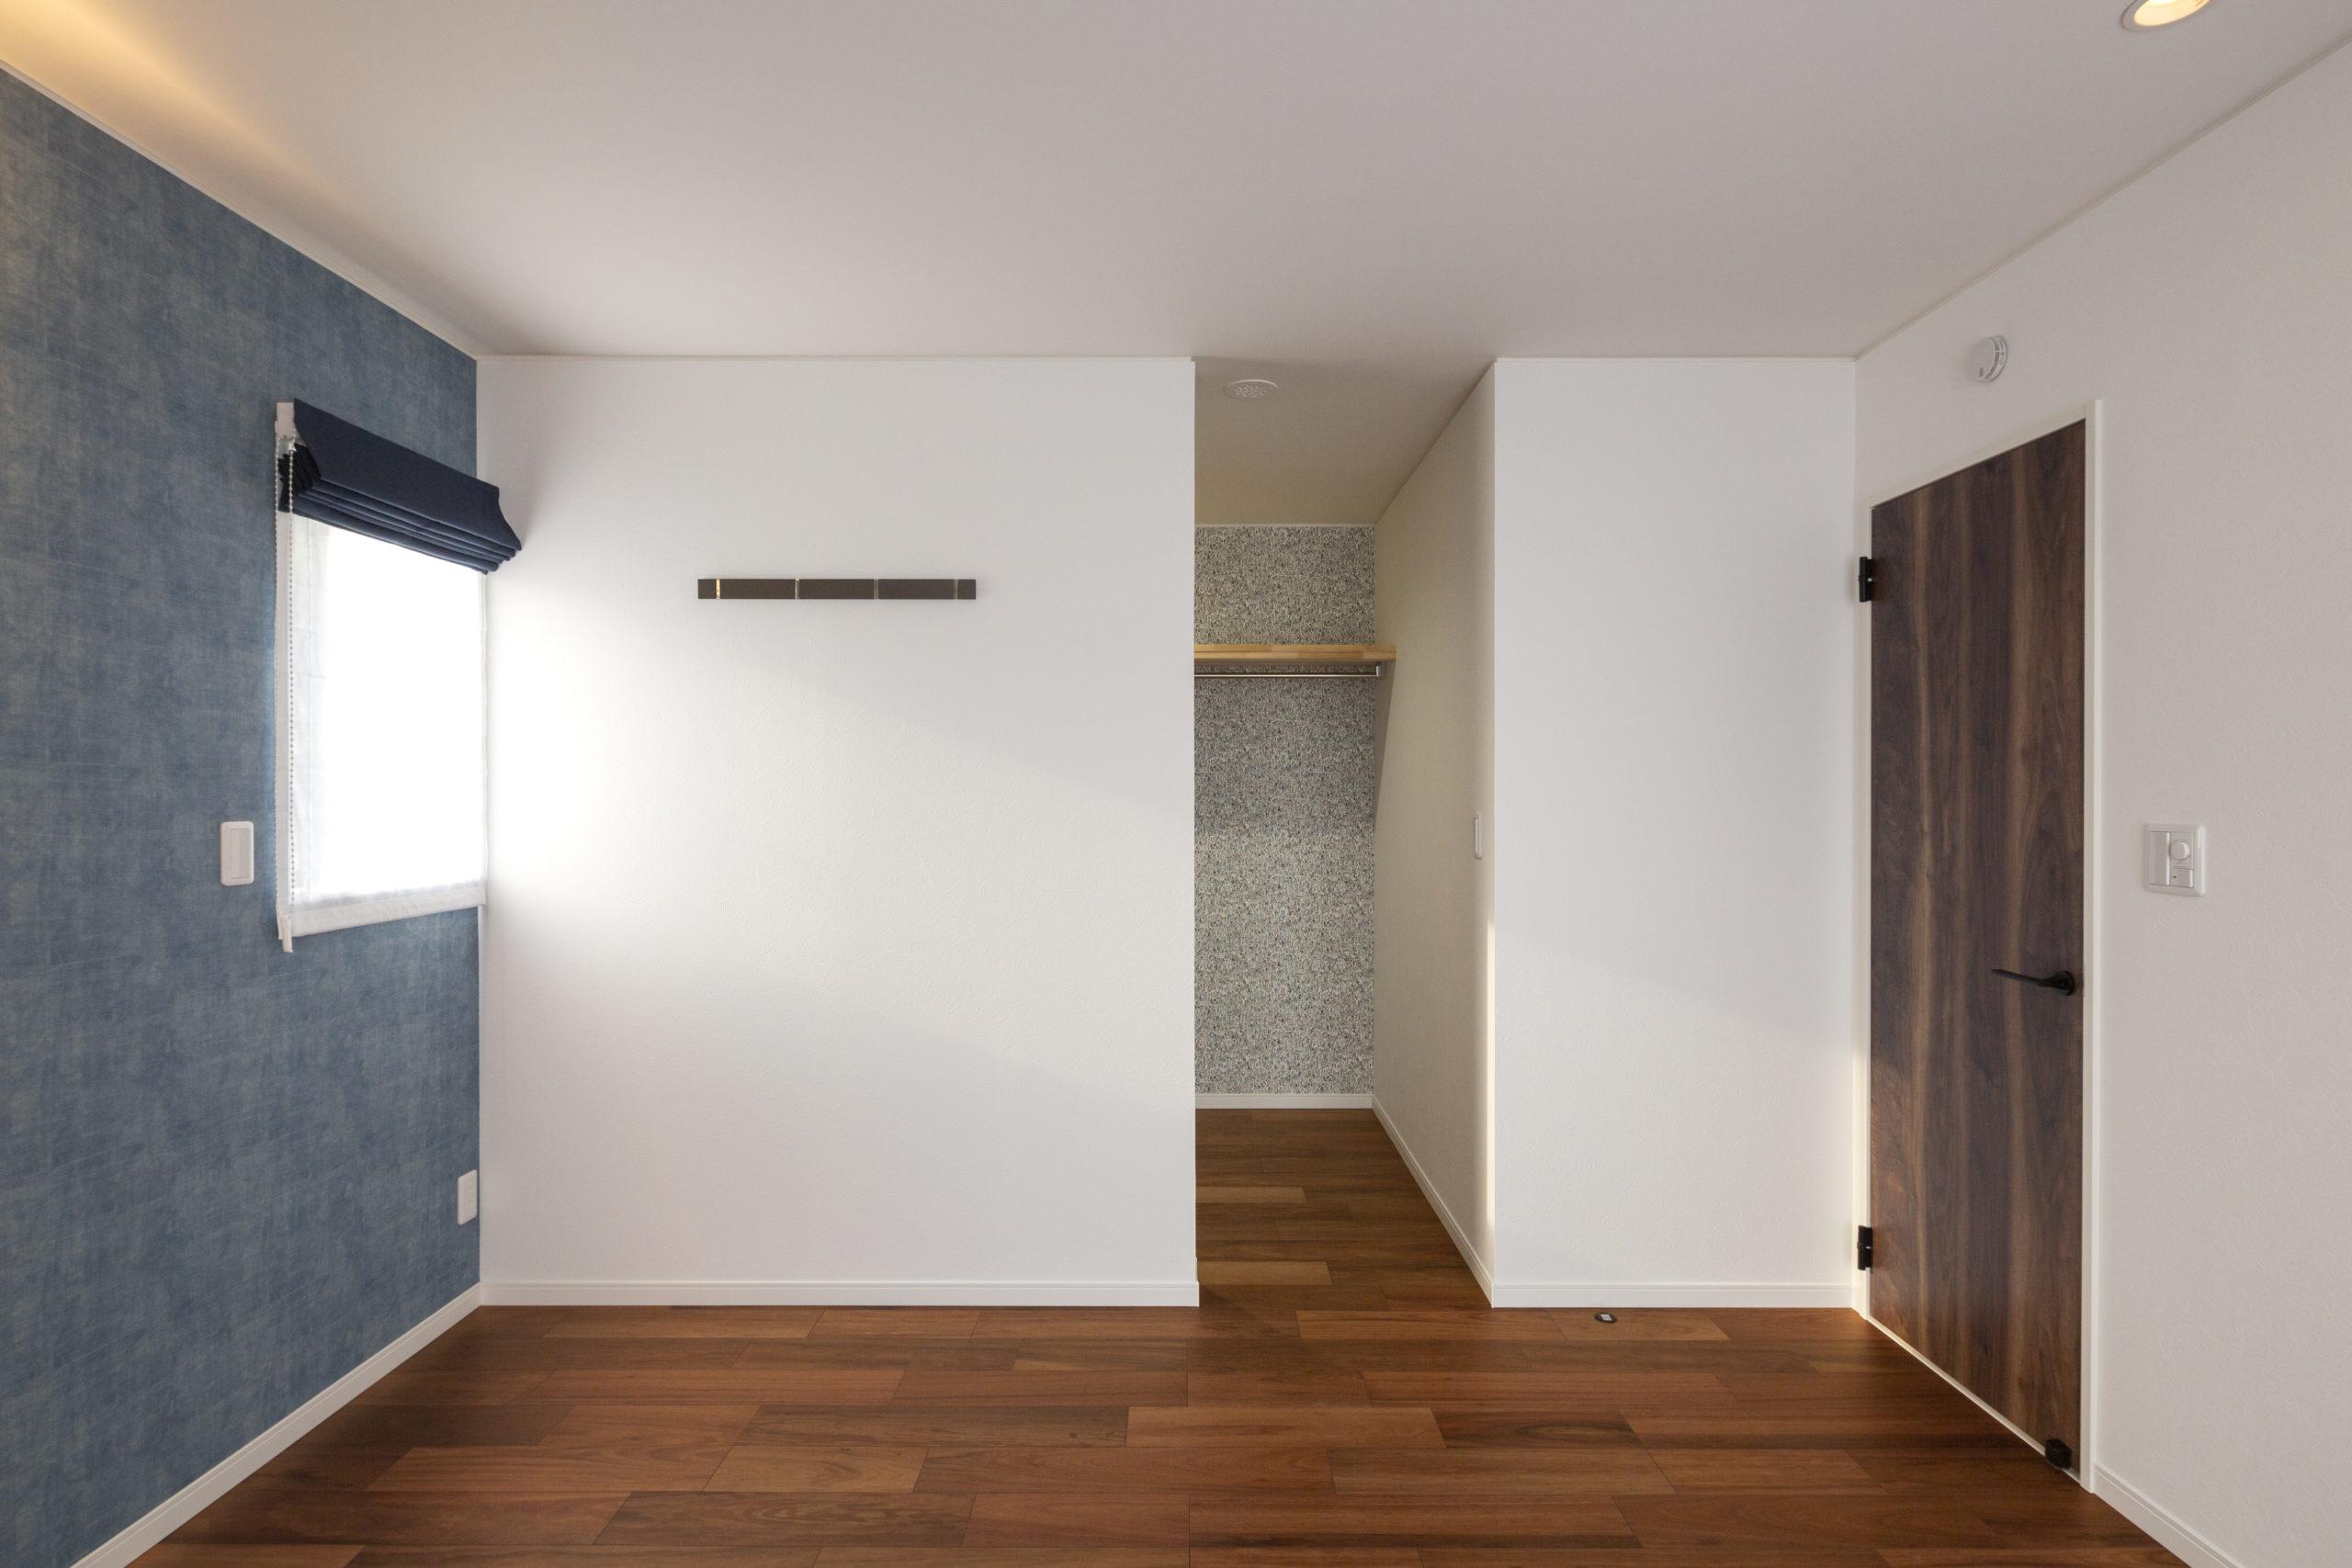 福山市の注文住宅|今井住建の施工事例ギャラリー「クローゼットはあえて空間を分けずに」